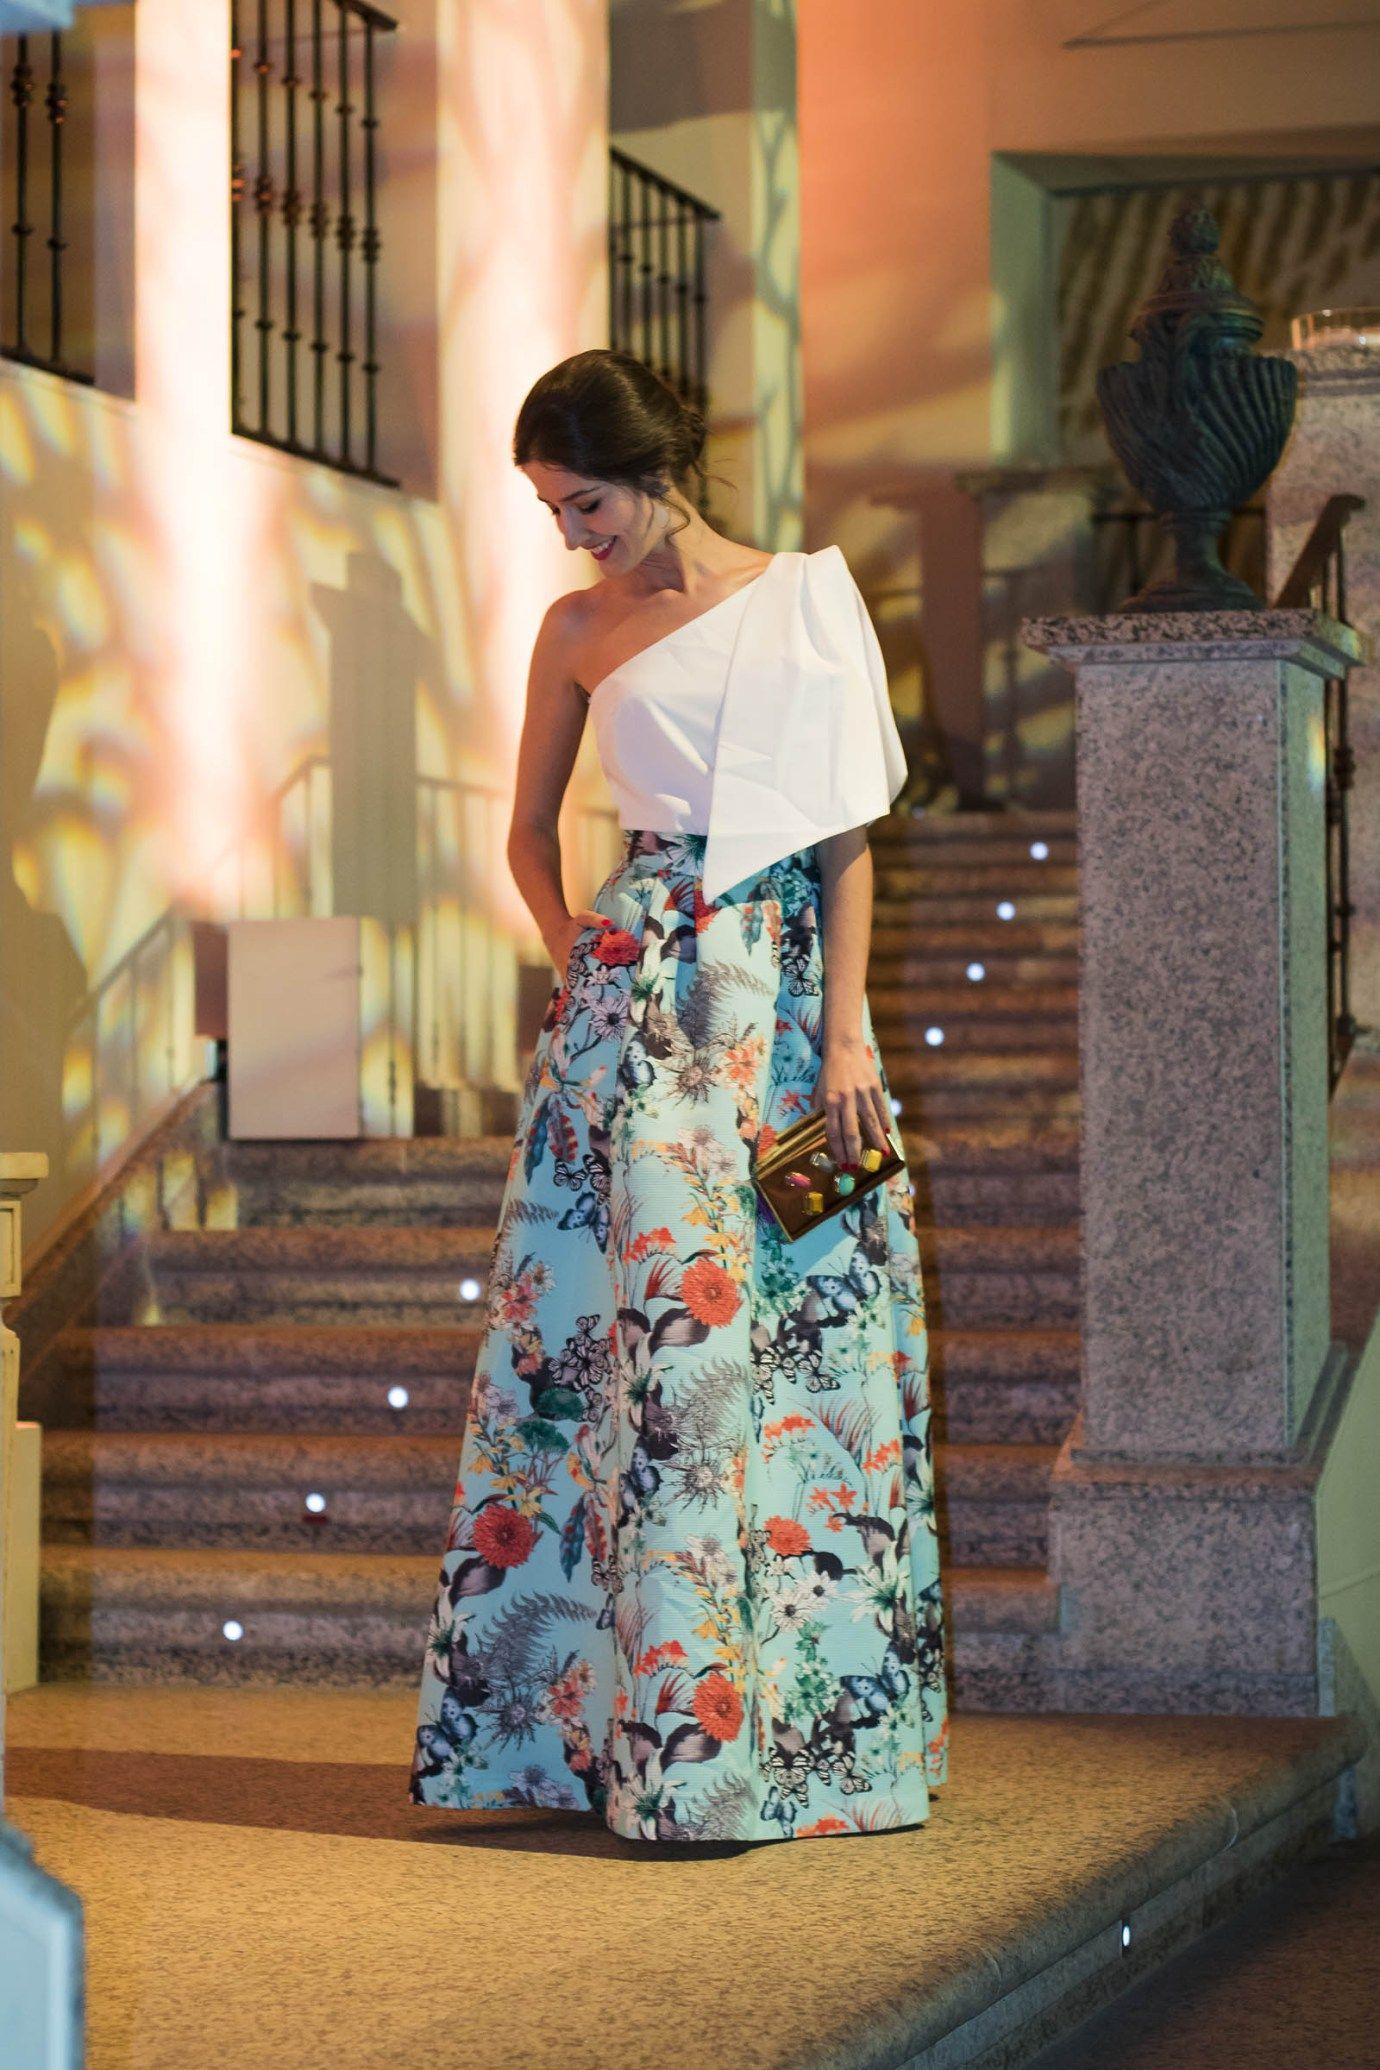 59c97425d Invitada boda tarde noche falda estapada volumen Apparentia ...